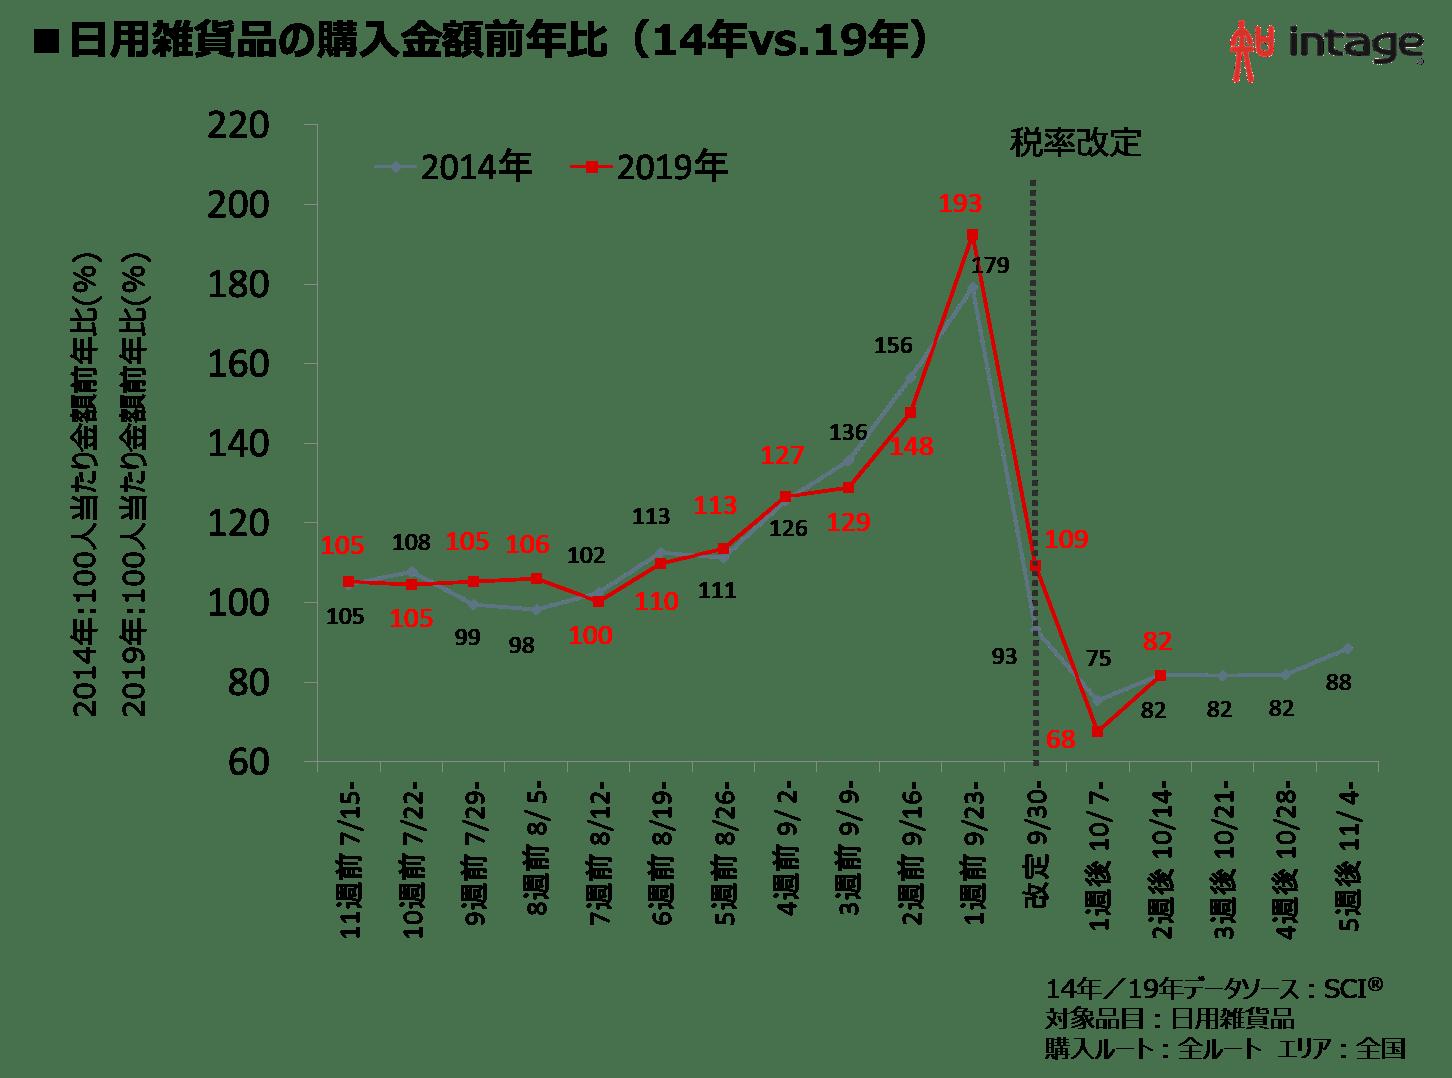 日用雑貨品の購入金額前年比(14年vs.19年)